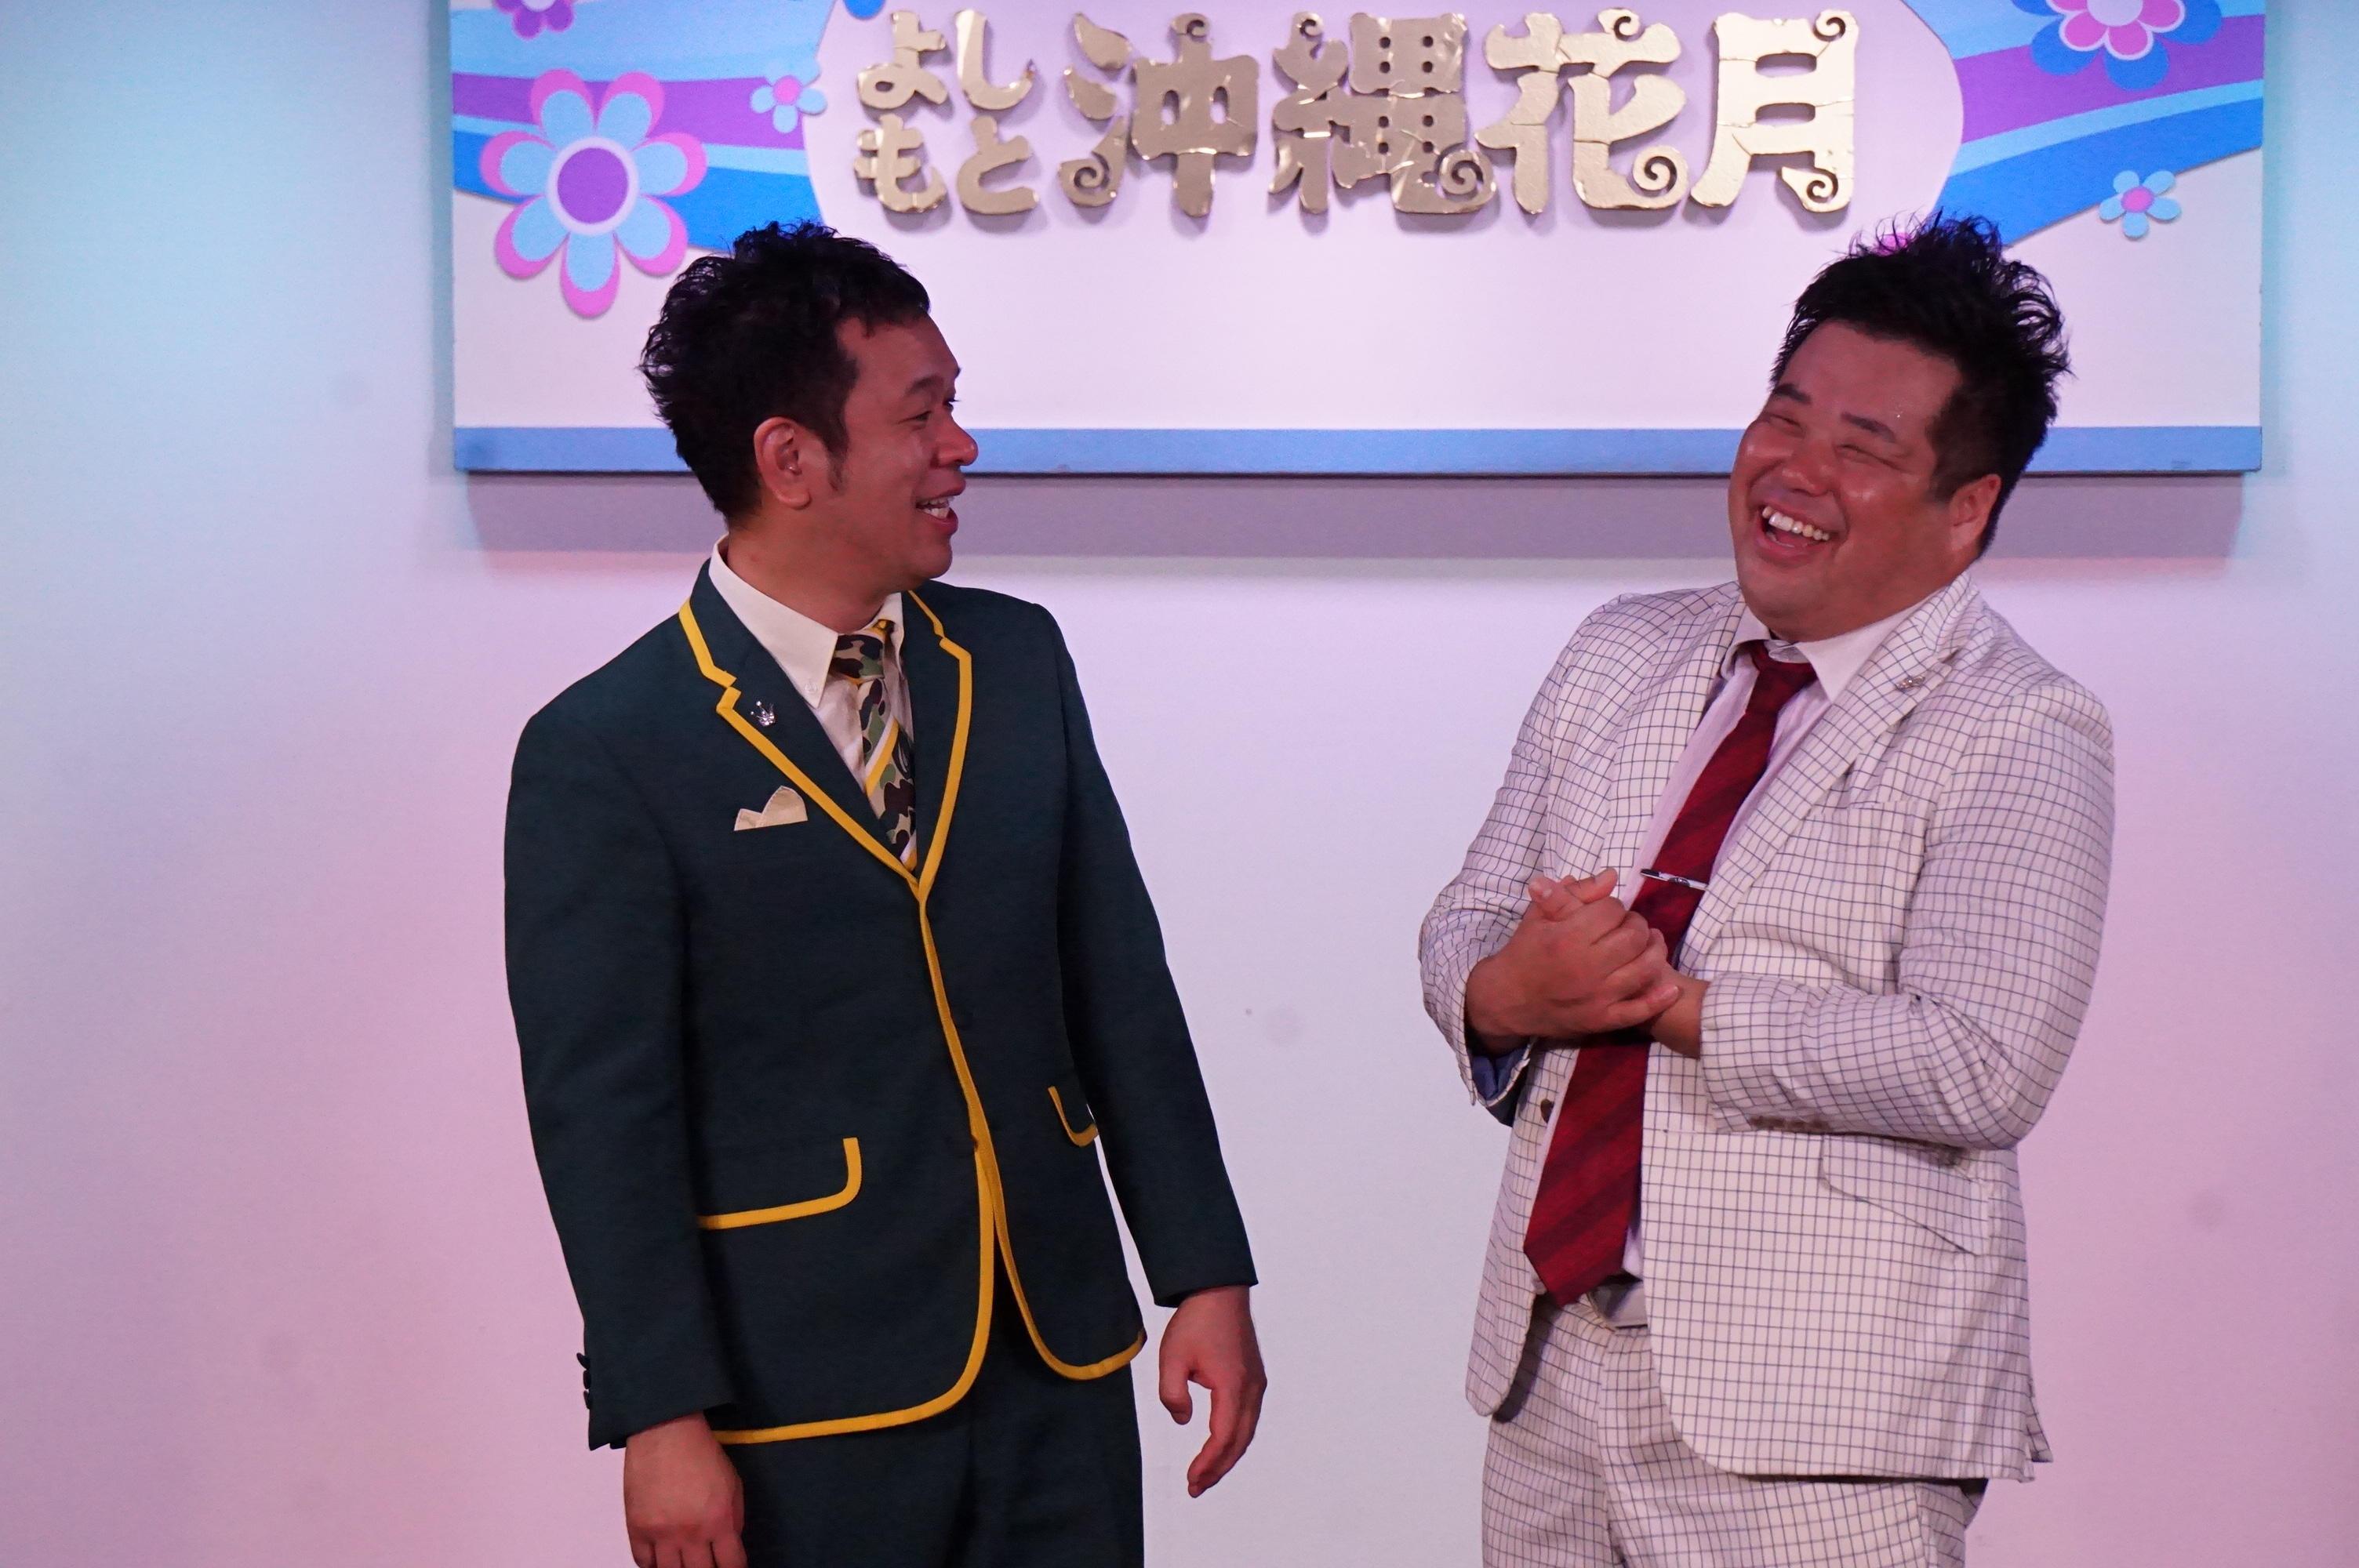 http://news.yoshimoto.co.jp/20180806141526-24f24efc841f8a9b364b0025144792c8081f1daf.jpg